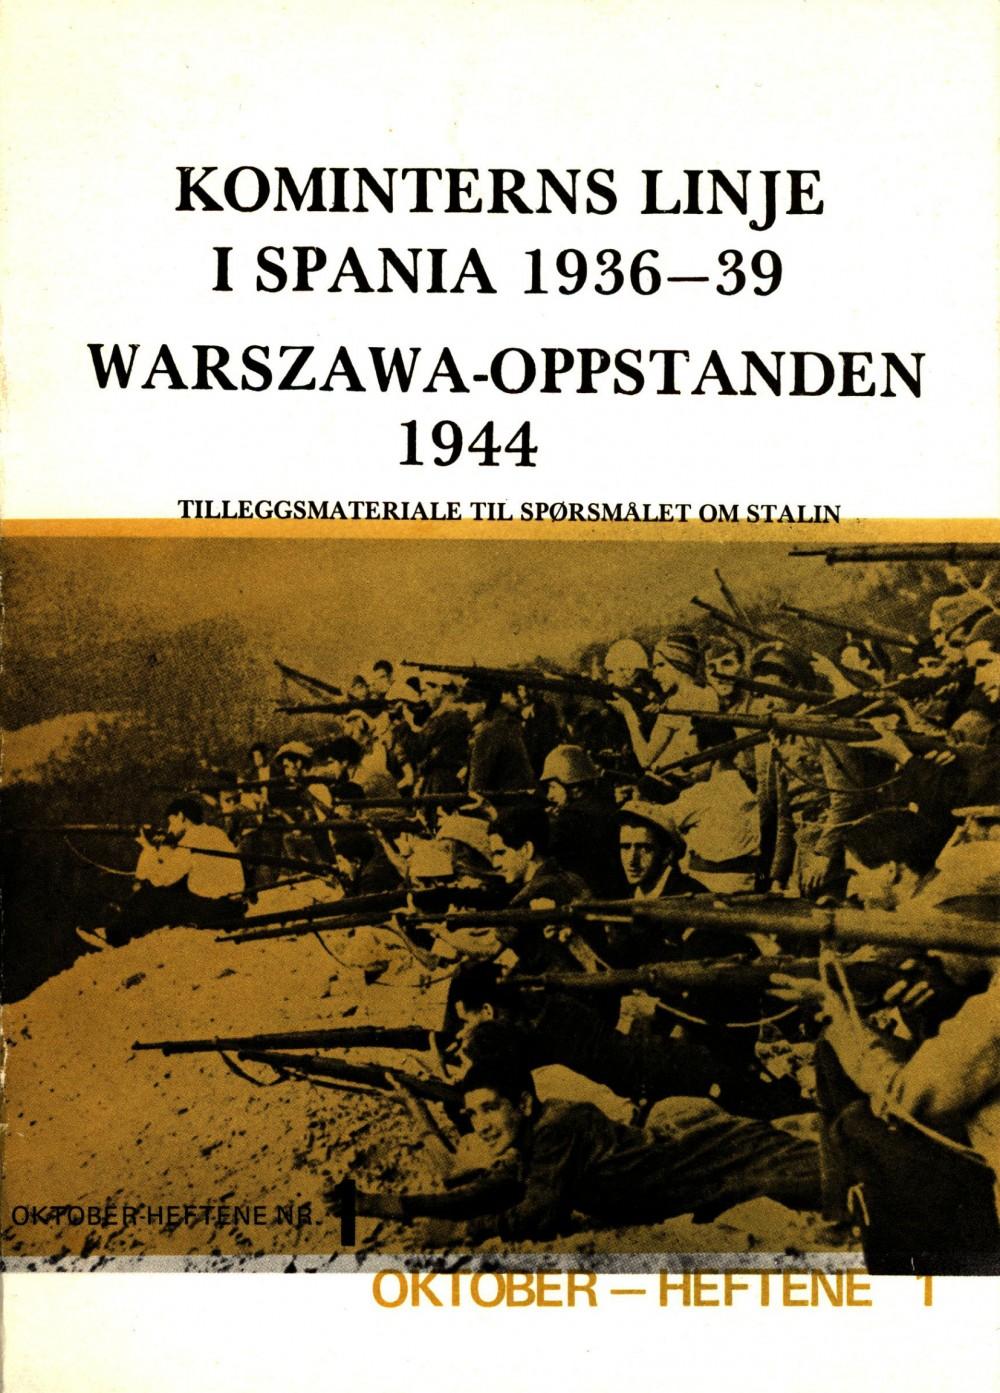 Kominterns linje i Spania 1936-39 - Warzawa-oppstanden 1944